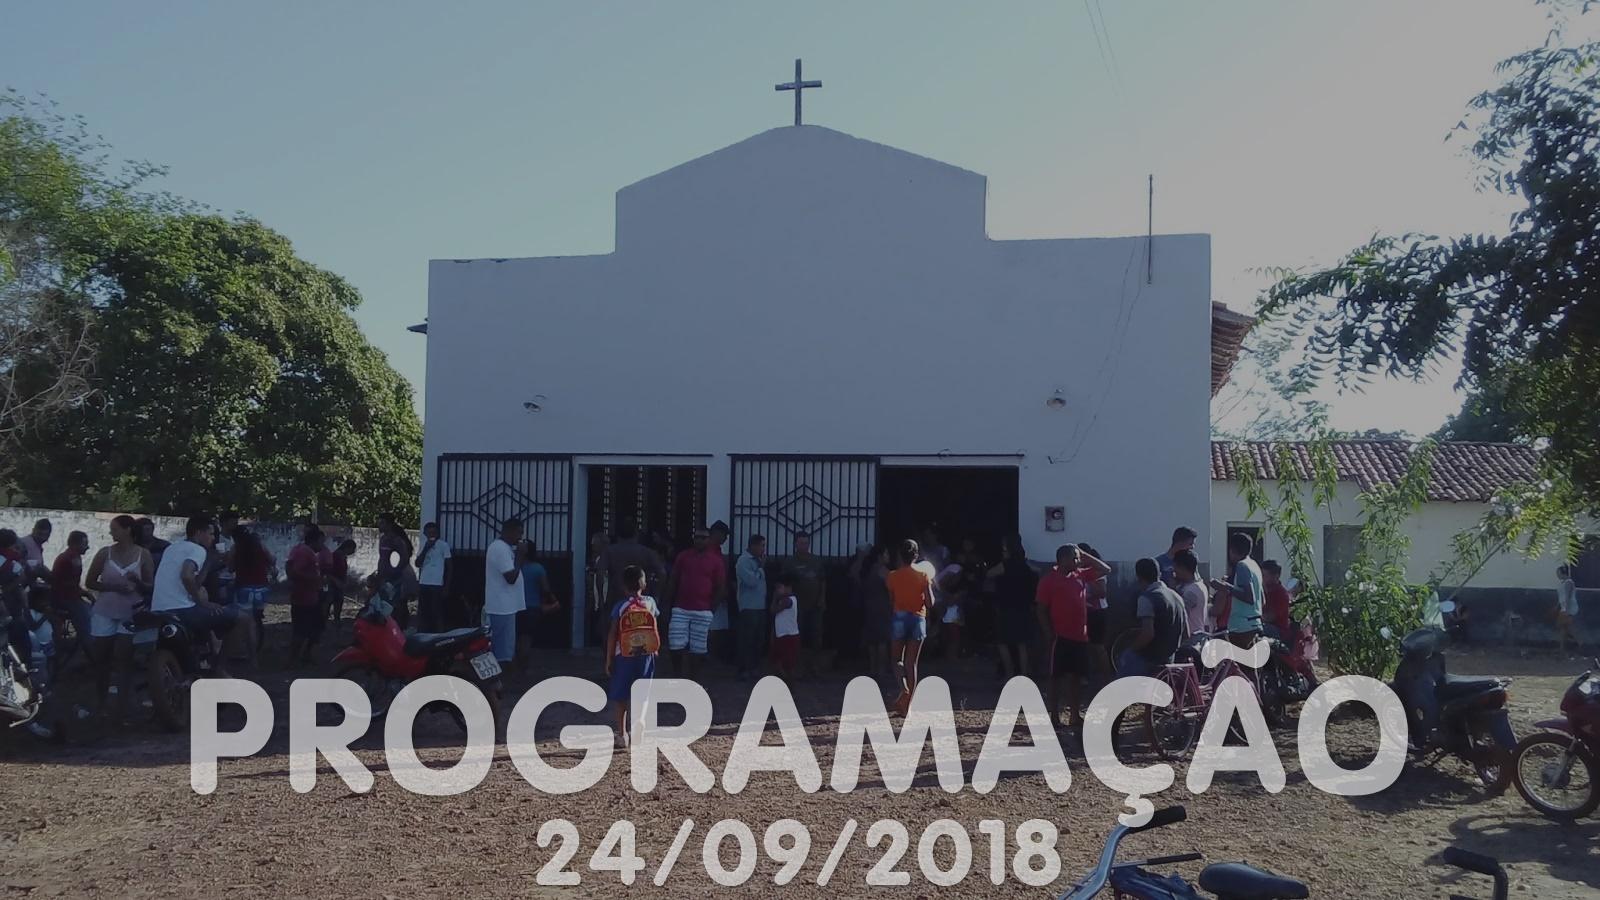 Festa de São Miguel Arcanjo - Programação 24/09/2018